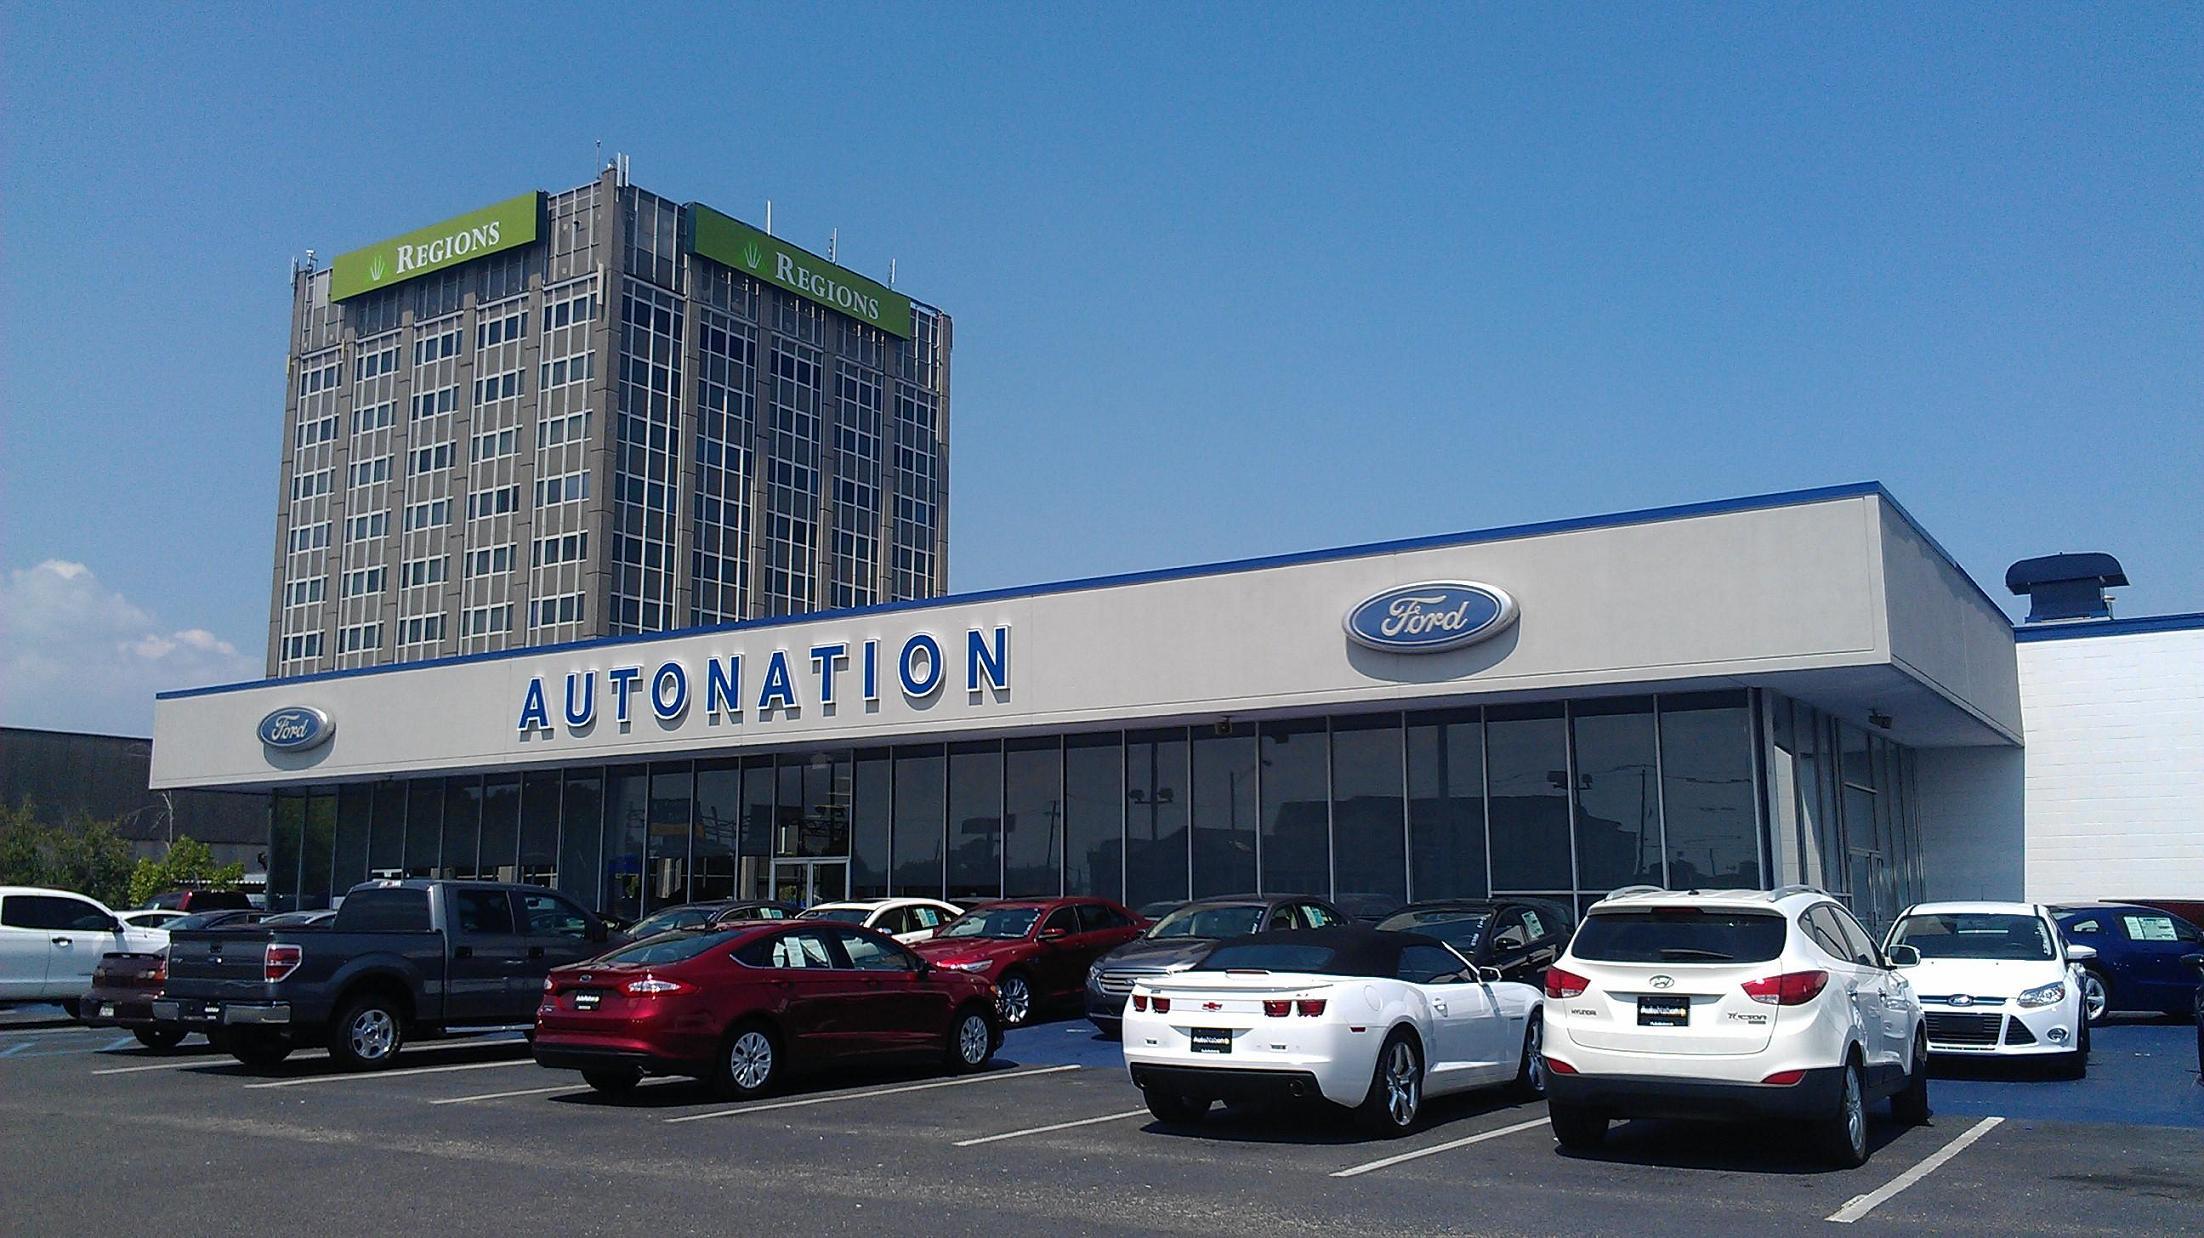 Autonation Ford Mobile Deliciouscrepesbistro Com